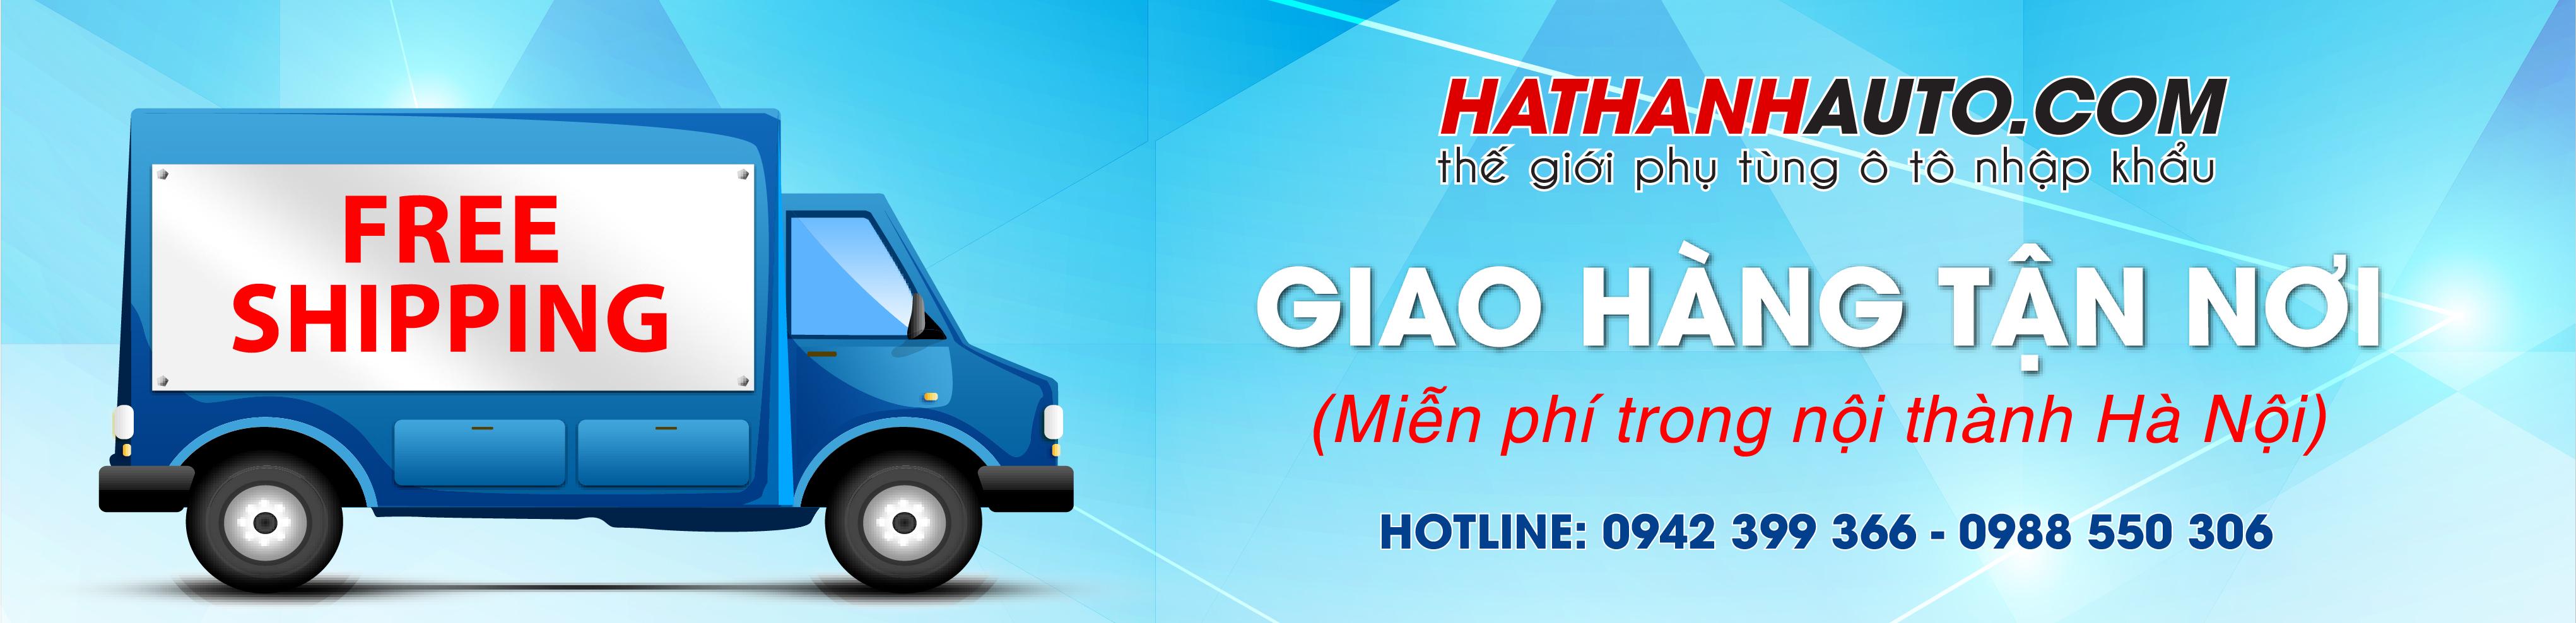 HathanhAuto đặt hàng và giao hàng nhanh chóng